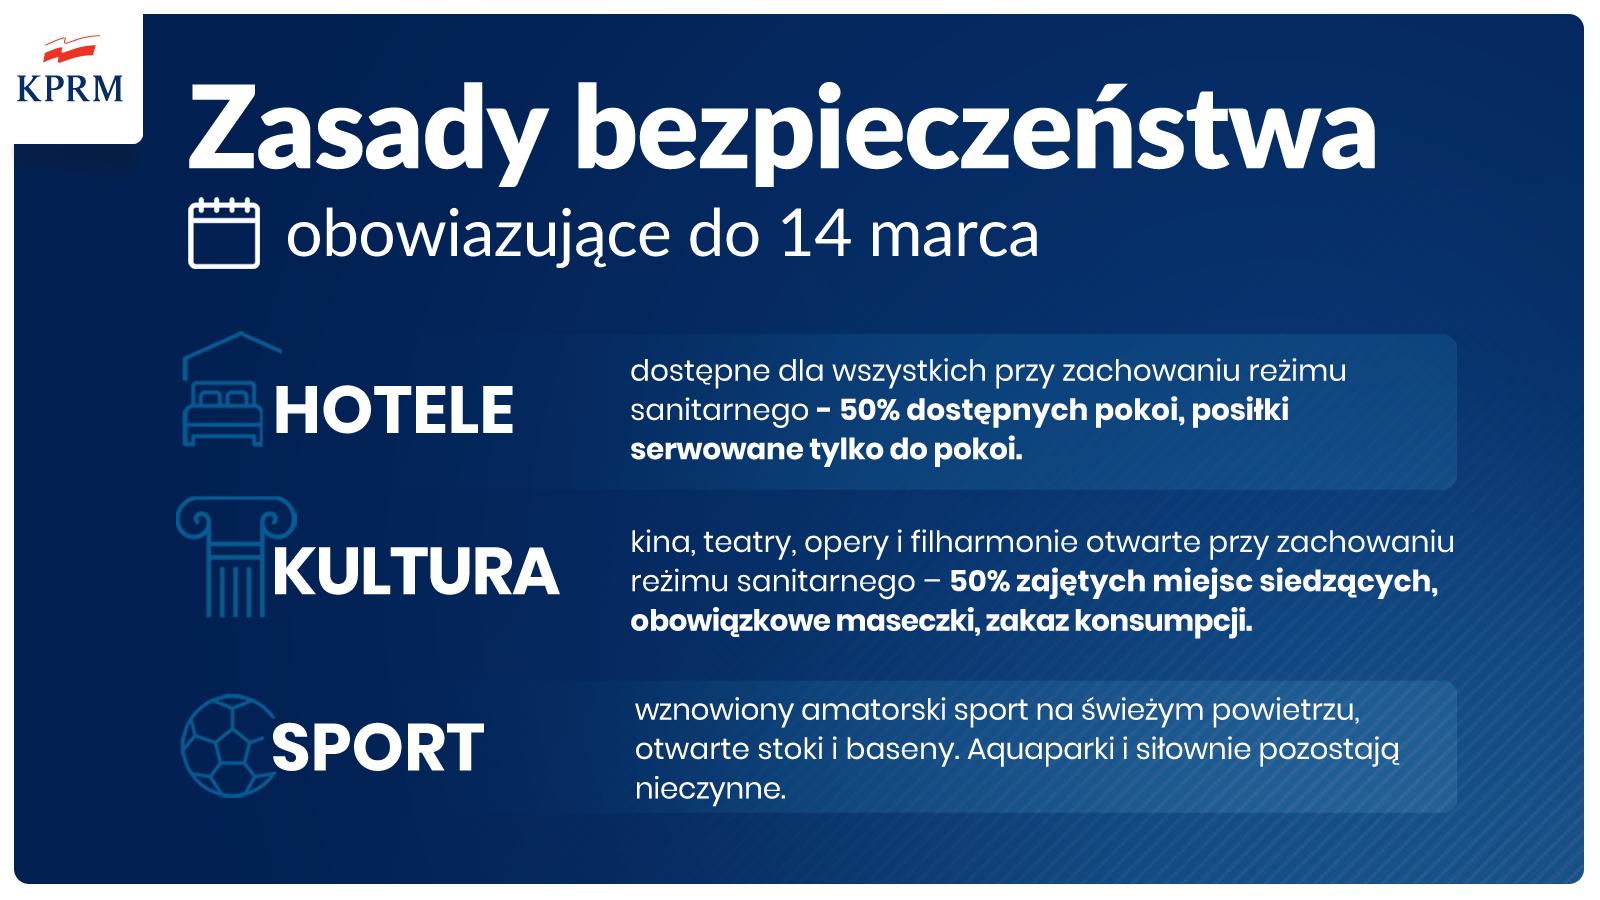 Przedłużenie dotychczas obowiązujących zasad bezpieczeństwa do 14 marca 2021 roku